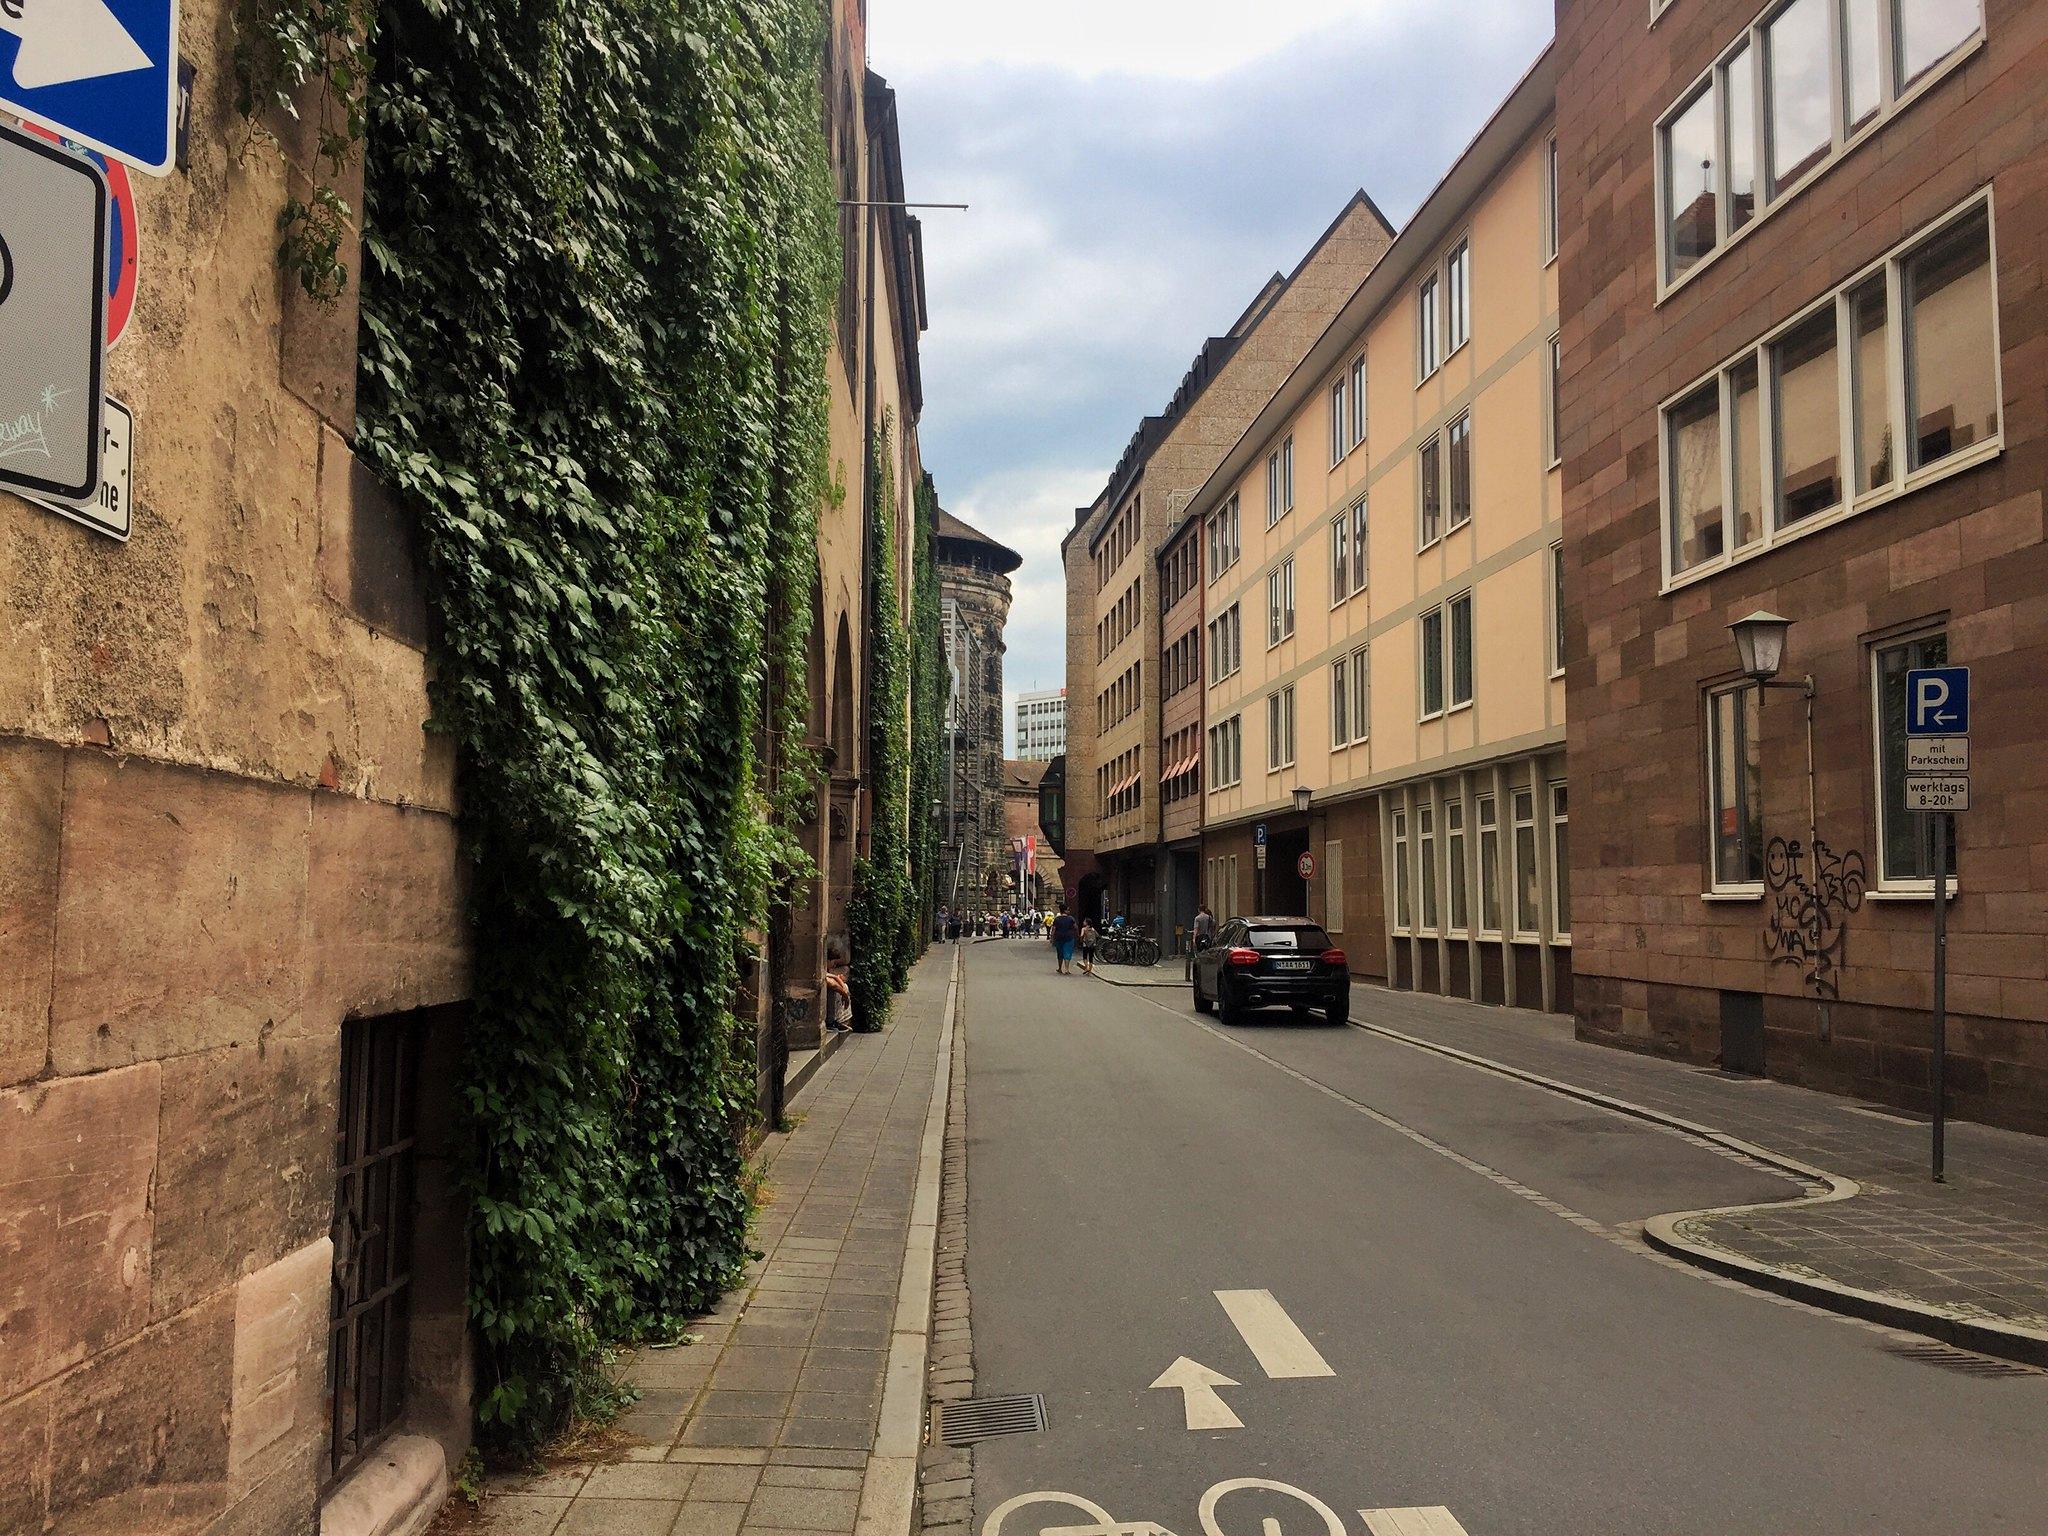 2017-08-08 - Königstormauer #nbglove